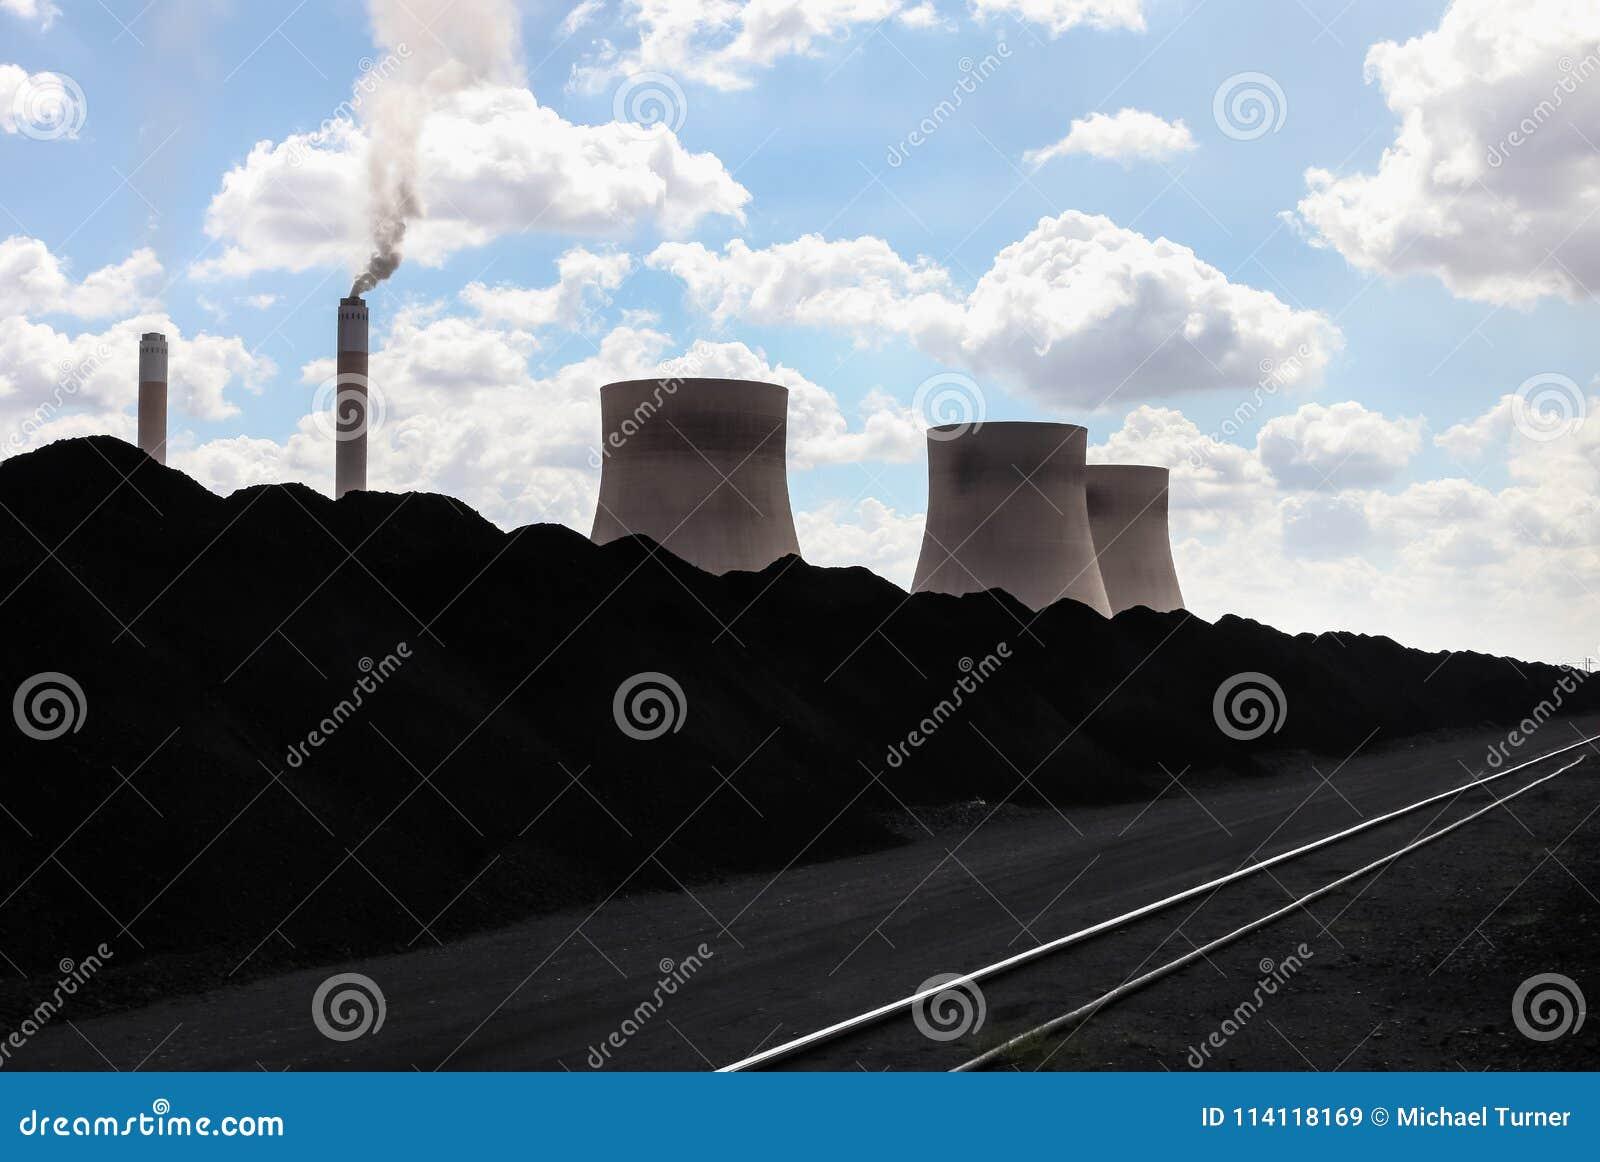 Central eléctrica ardente de carvão